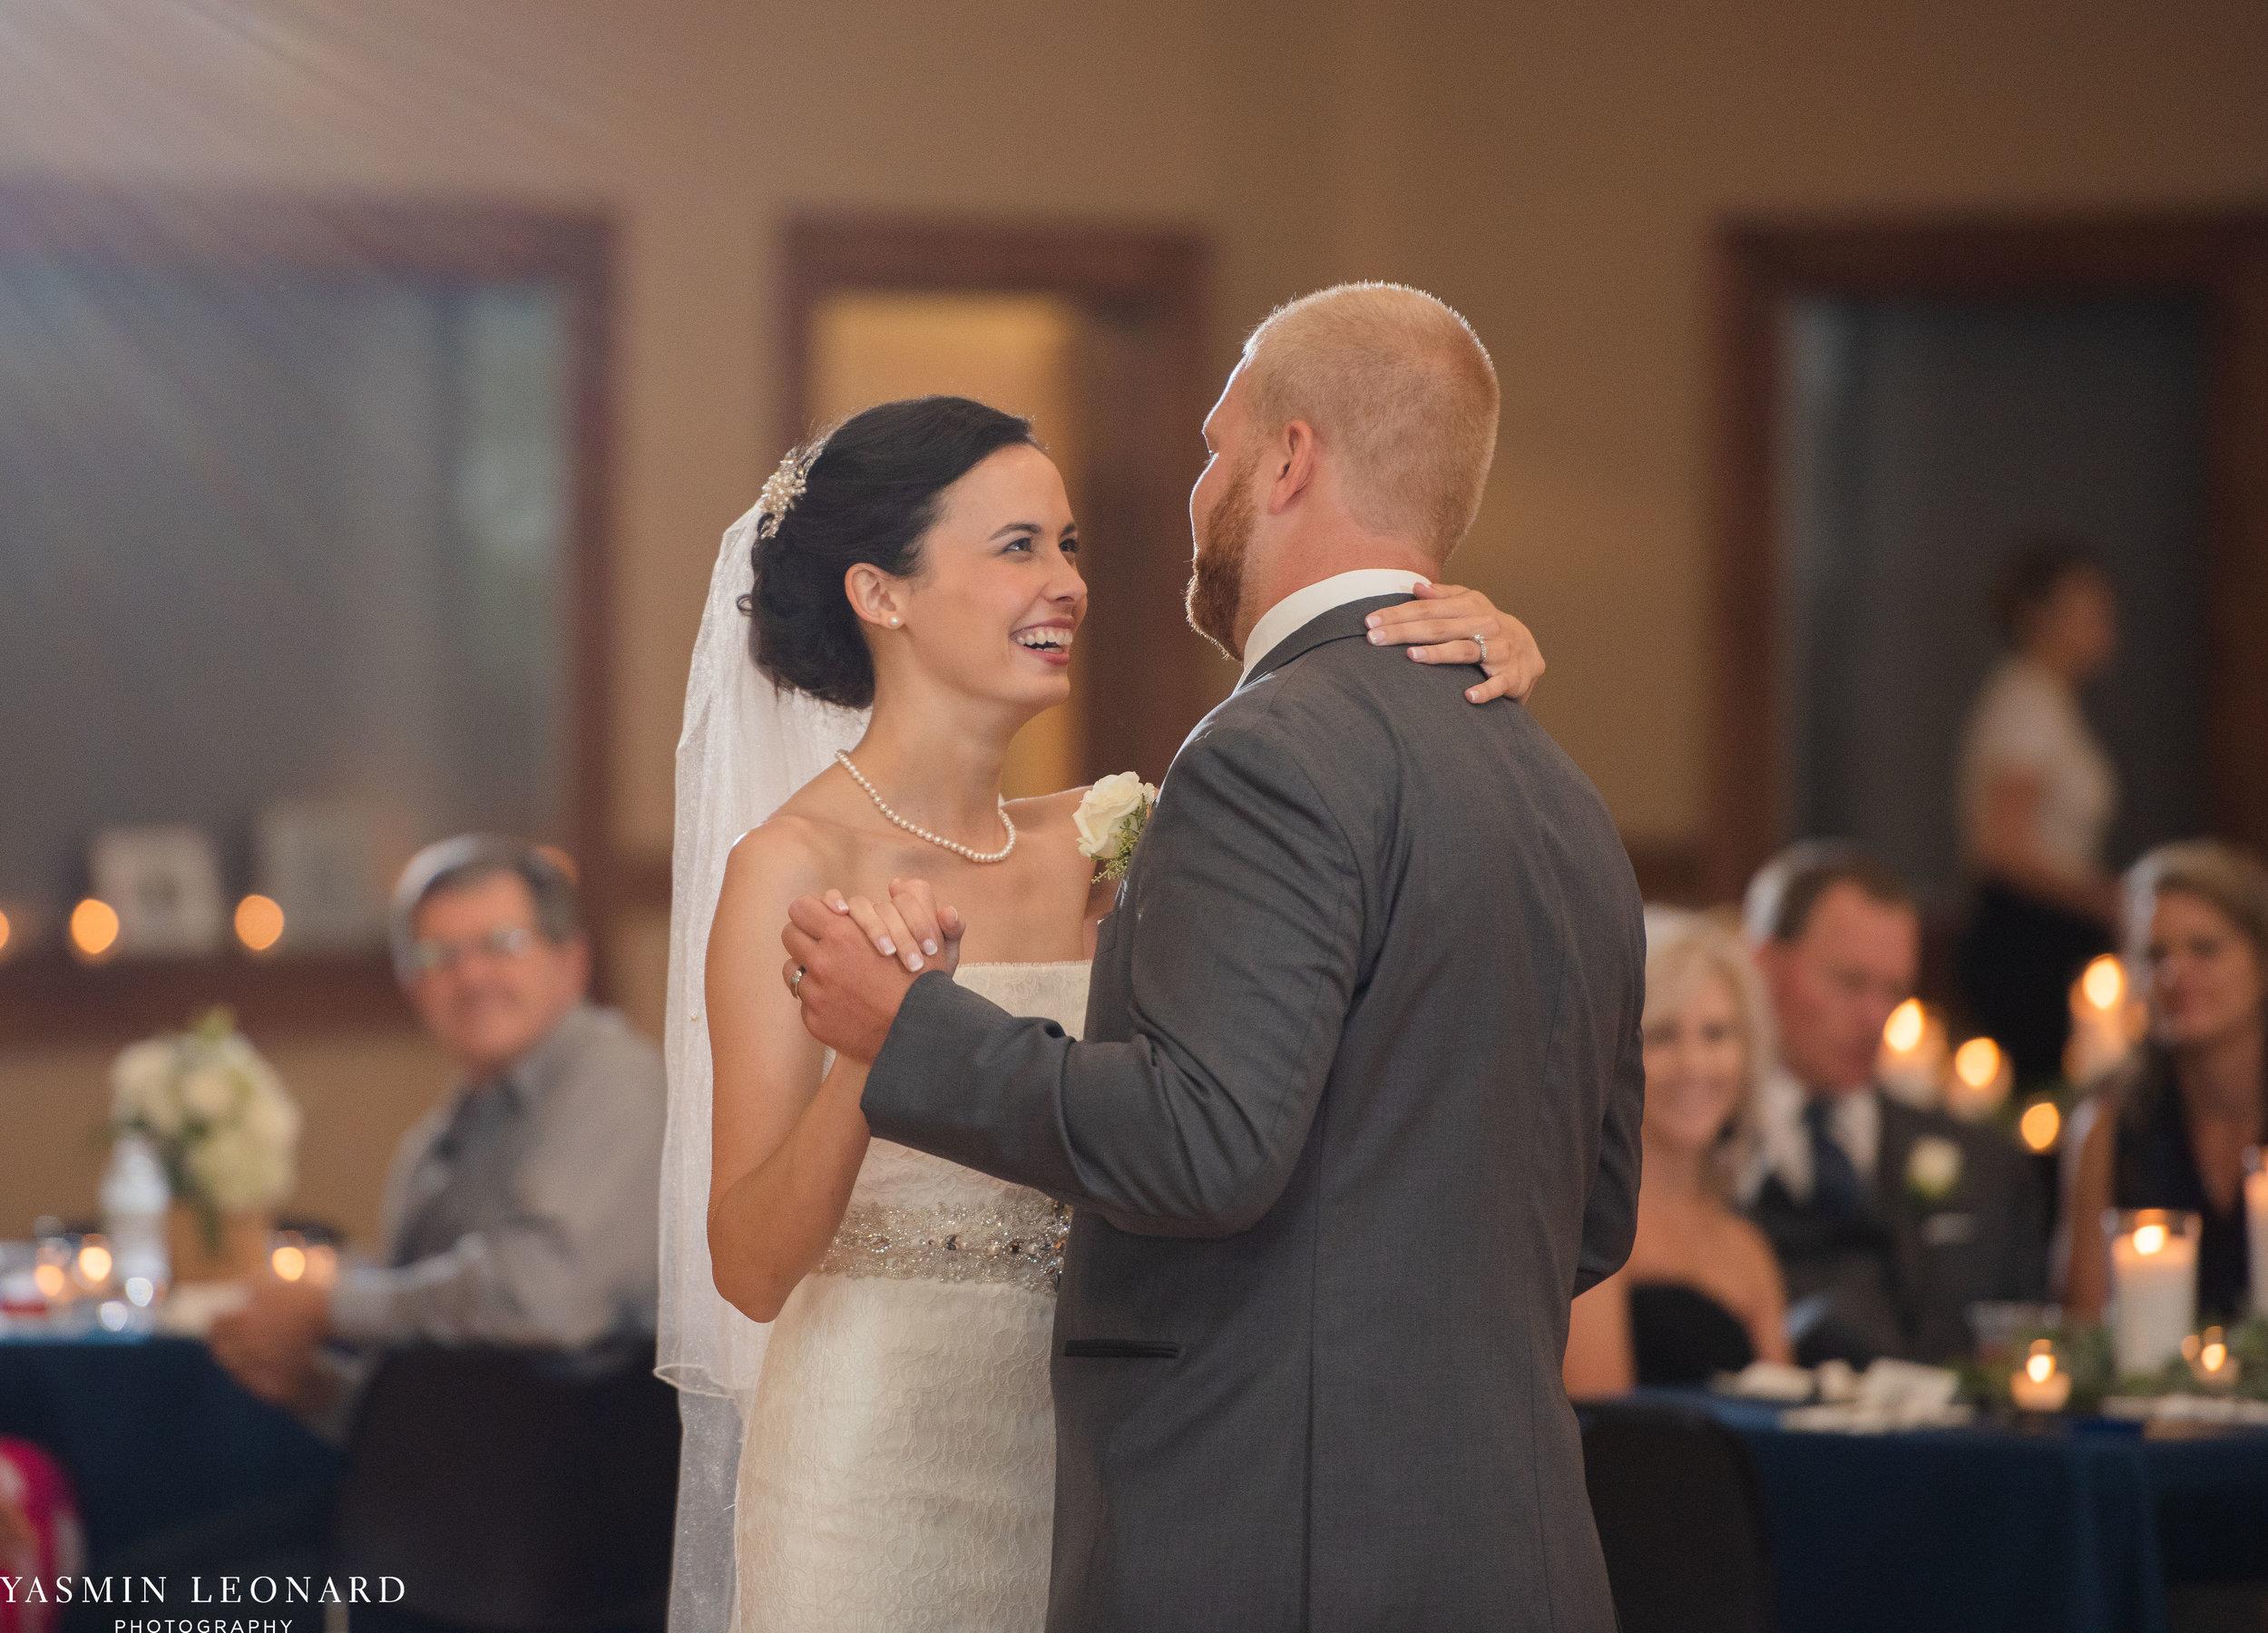 Mt. Pleasant Church - Church Wedding - Traditional Wedding - Church Ceremony - Country Wedding - Godly Wedding - NC Wedding Photographer - High Point Weddings - Triad Weddings - NC Venues-48.jpg